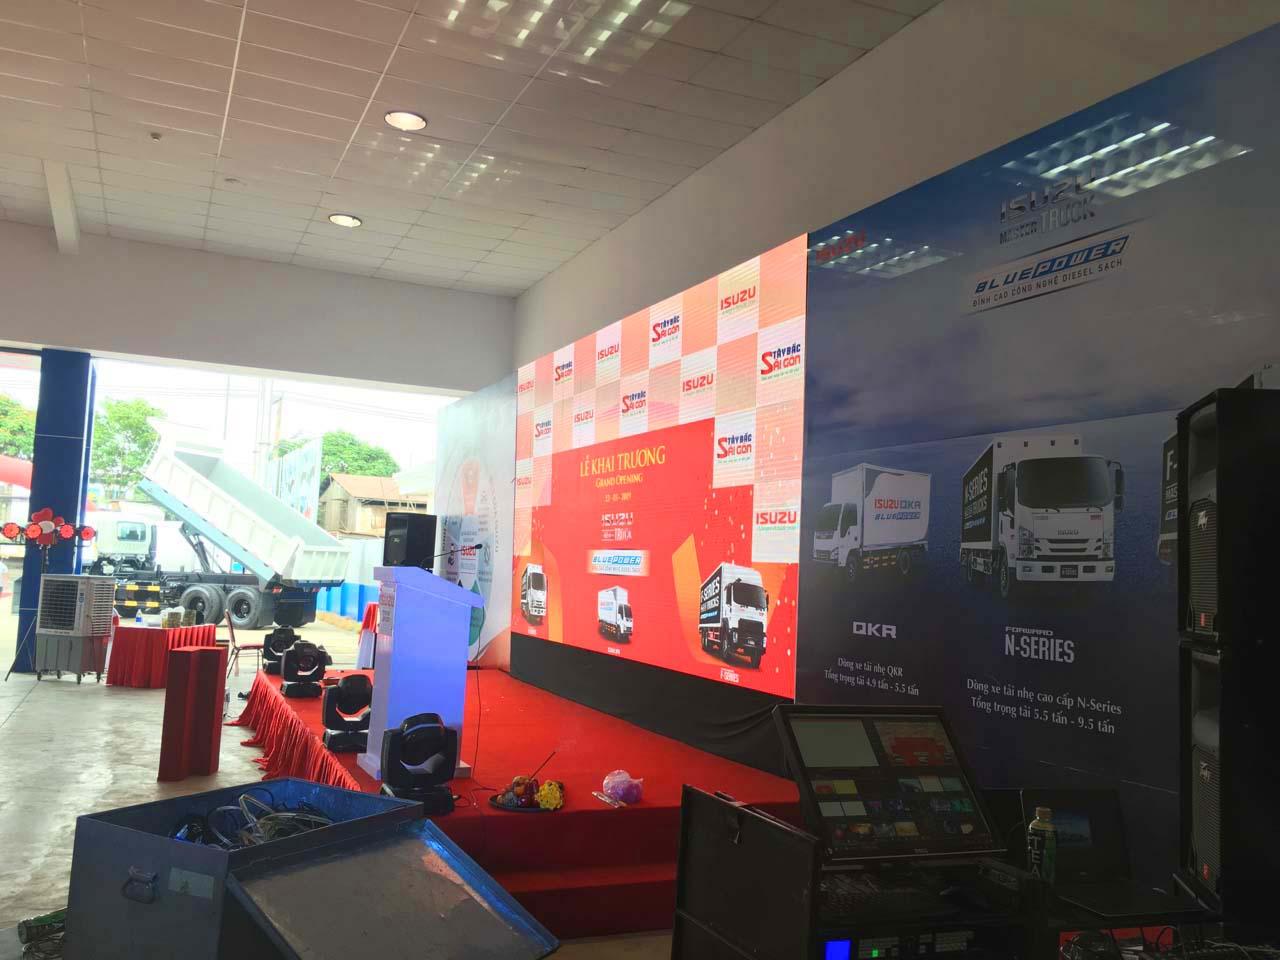 Chuẩn bị sân khấu khai trương đại lý Isuzu Hóc Môn I-Trucks Tây Bắc Sài Gòn